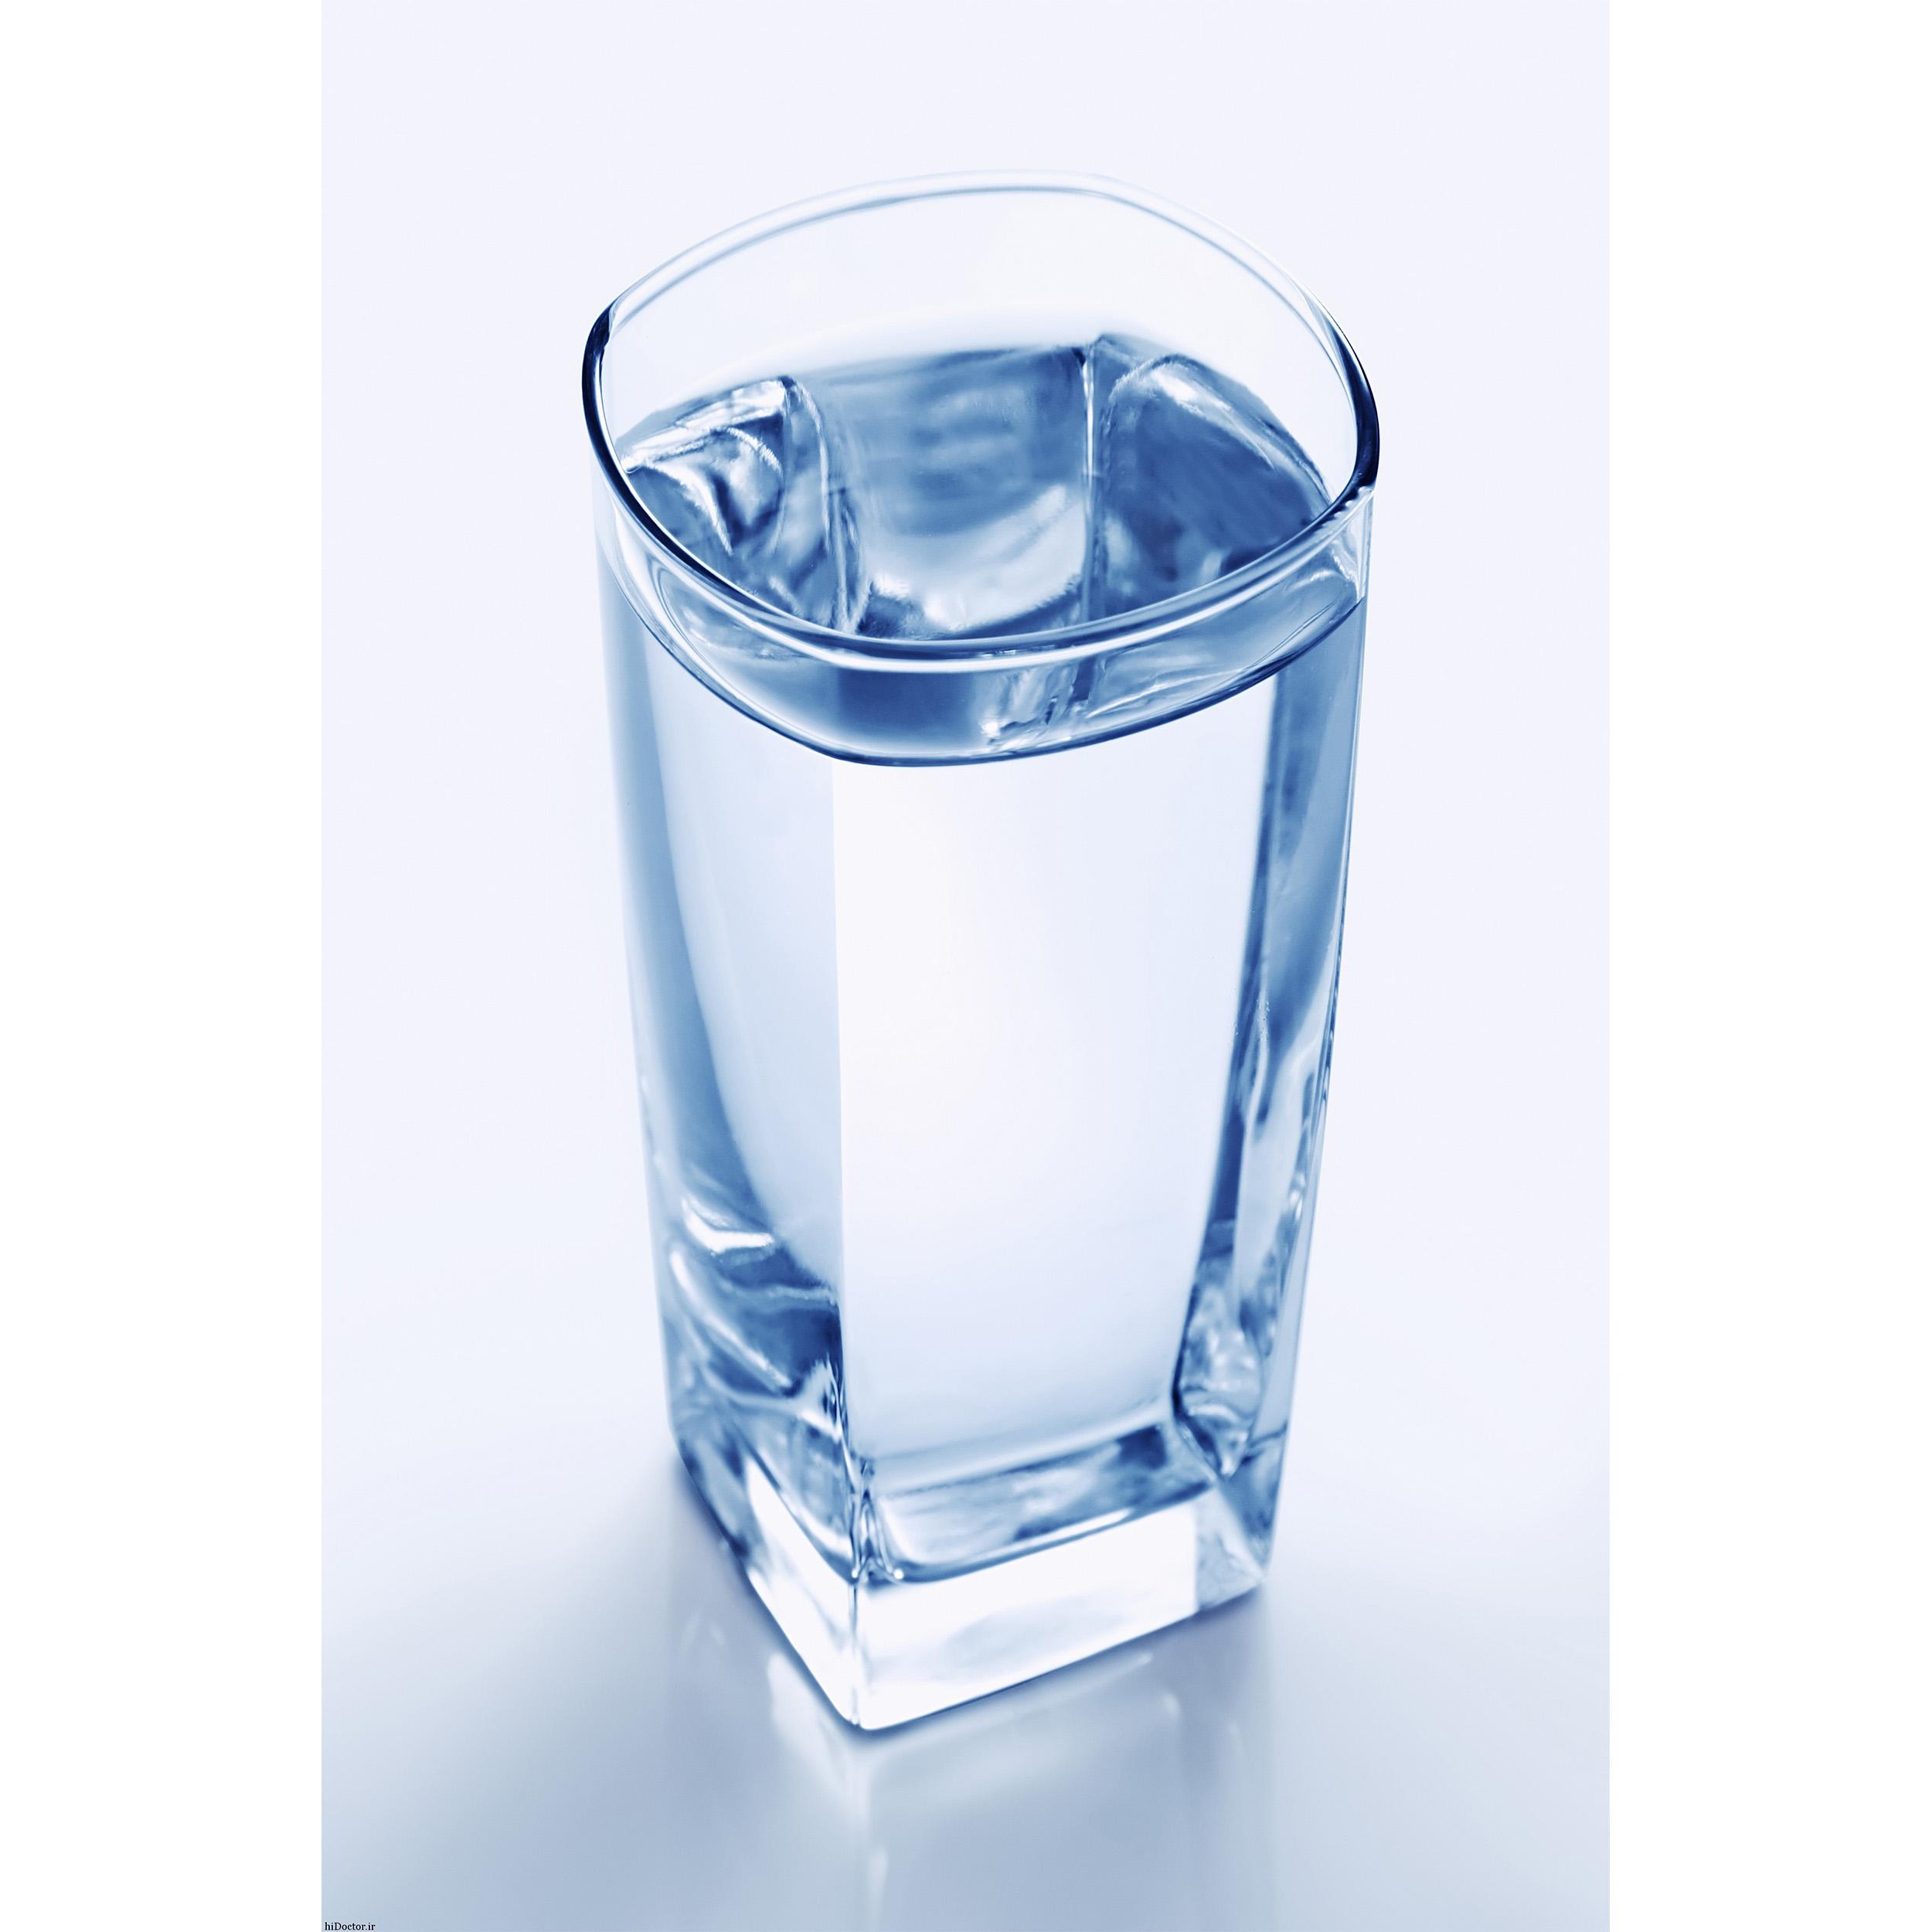 آب آشامیدنی دماوند حجم 296 میلی لیتر بسته 12 عددی main 1 6